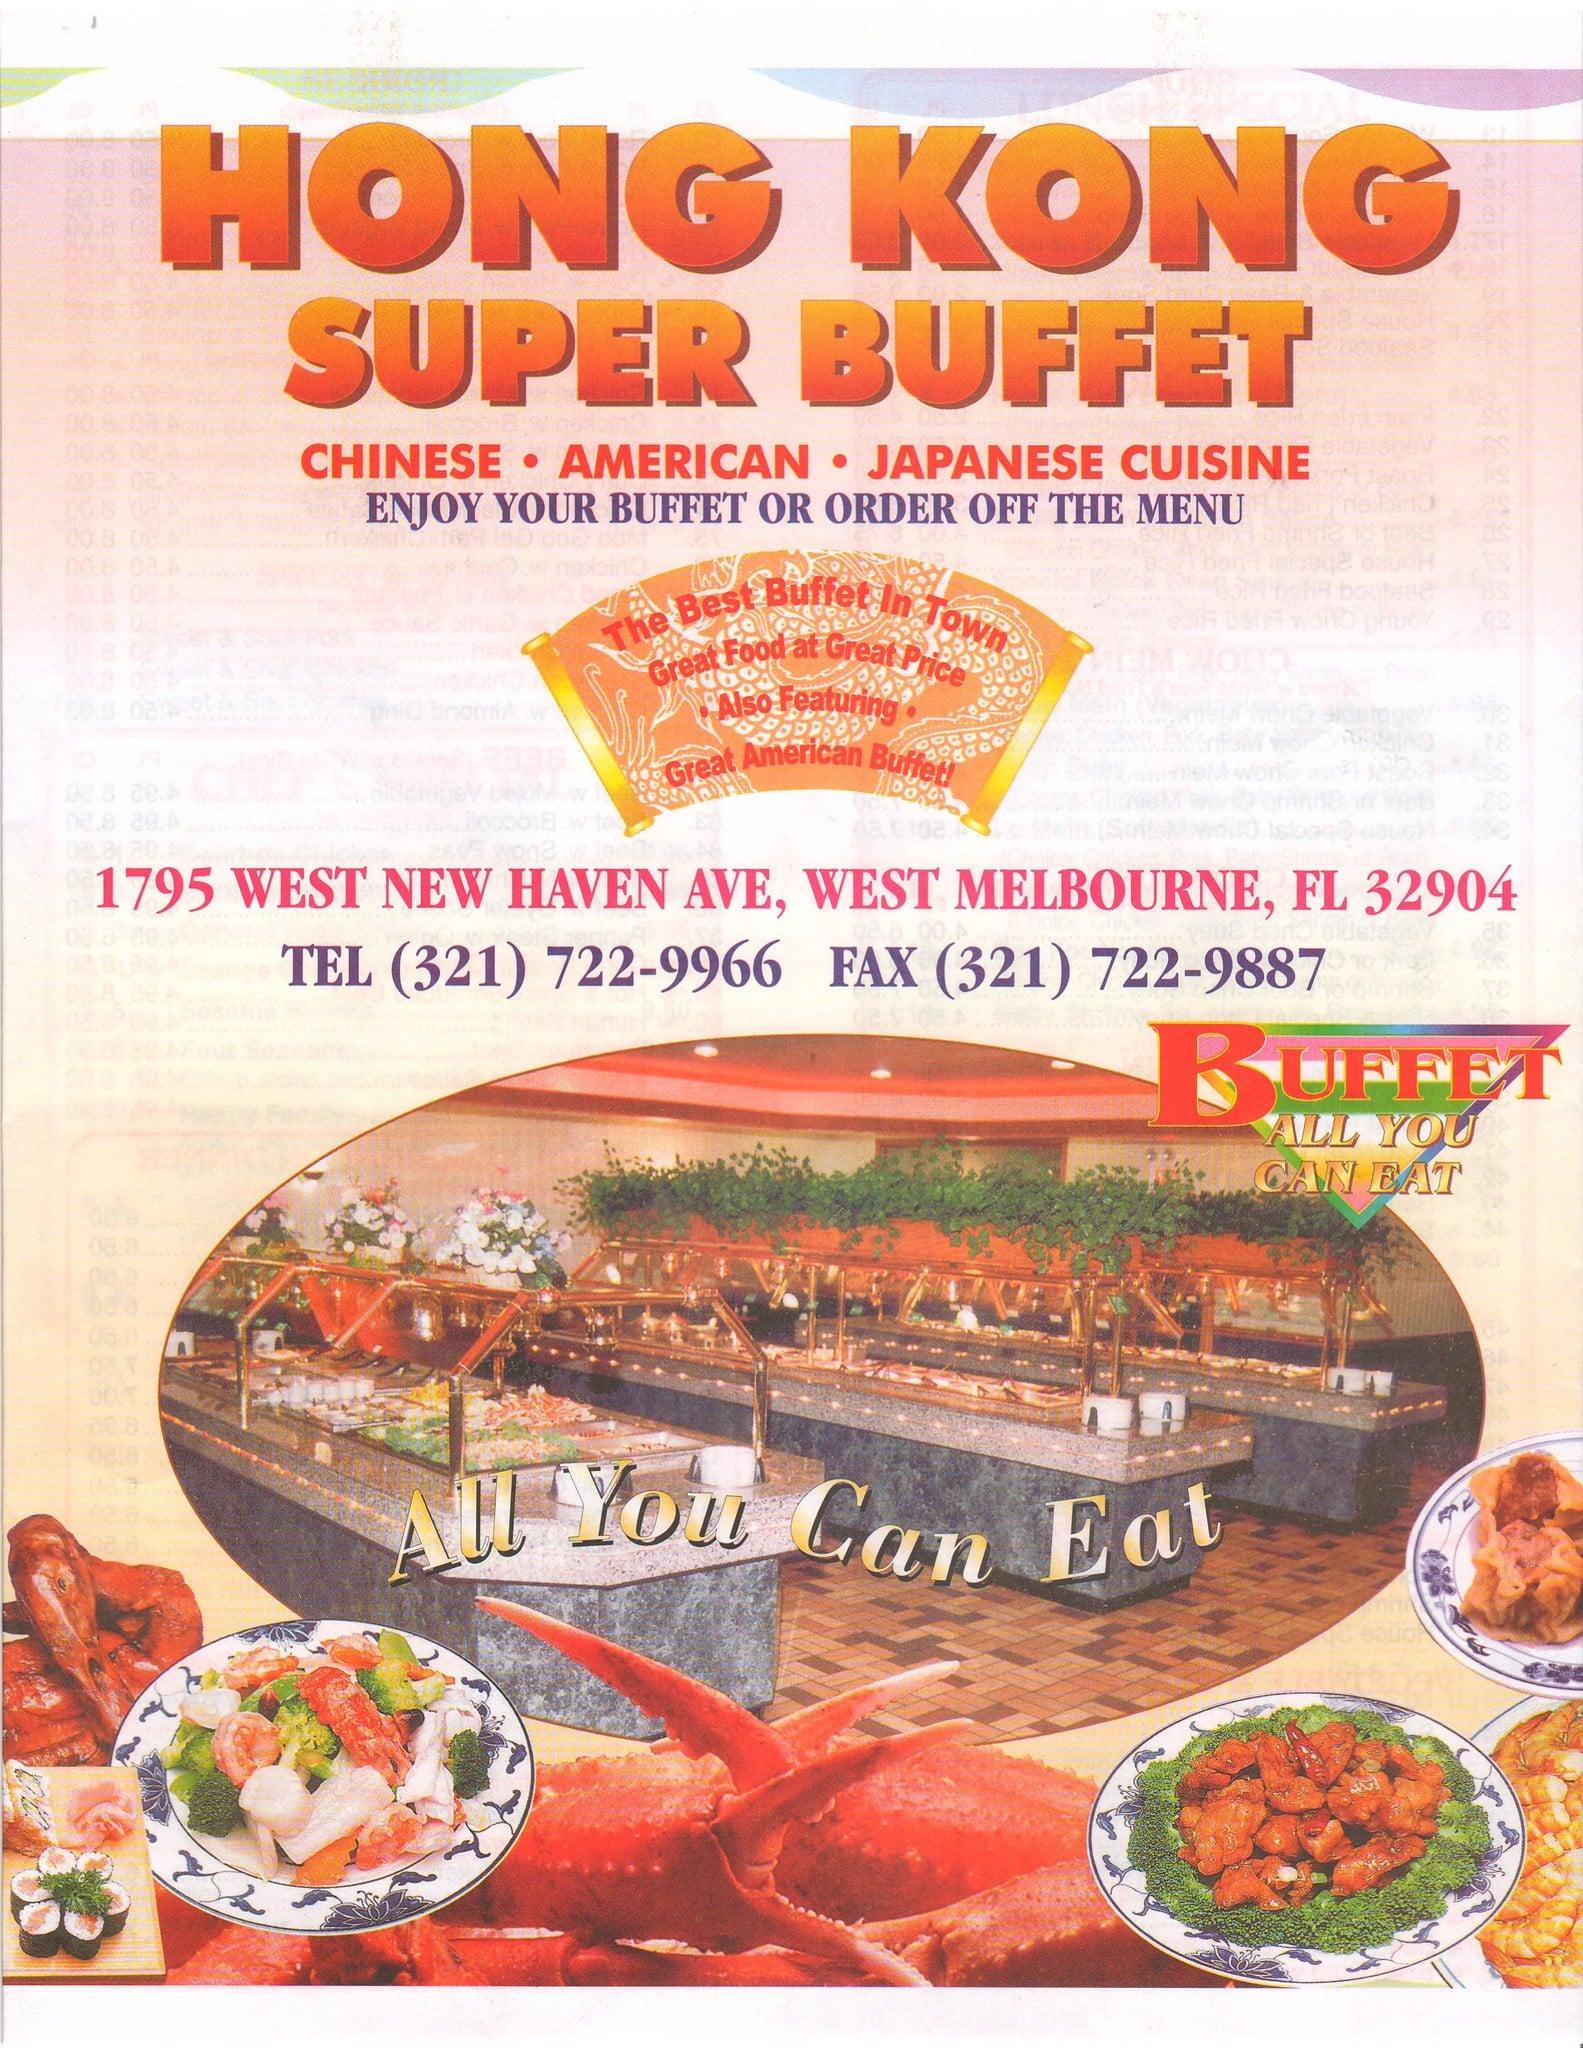 hong kong super buffet menu menu for hong kong super buffet west rh zomato com hong kong buffet menu leonardtown md hong kong buffet menu pottsville,pa